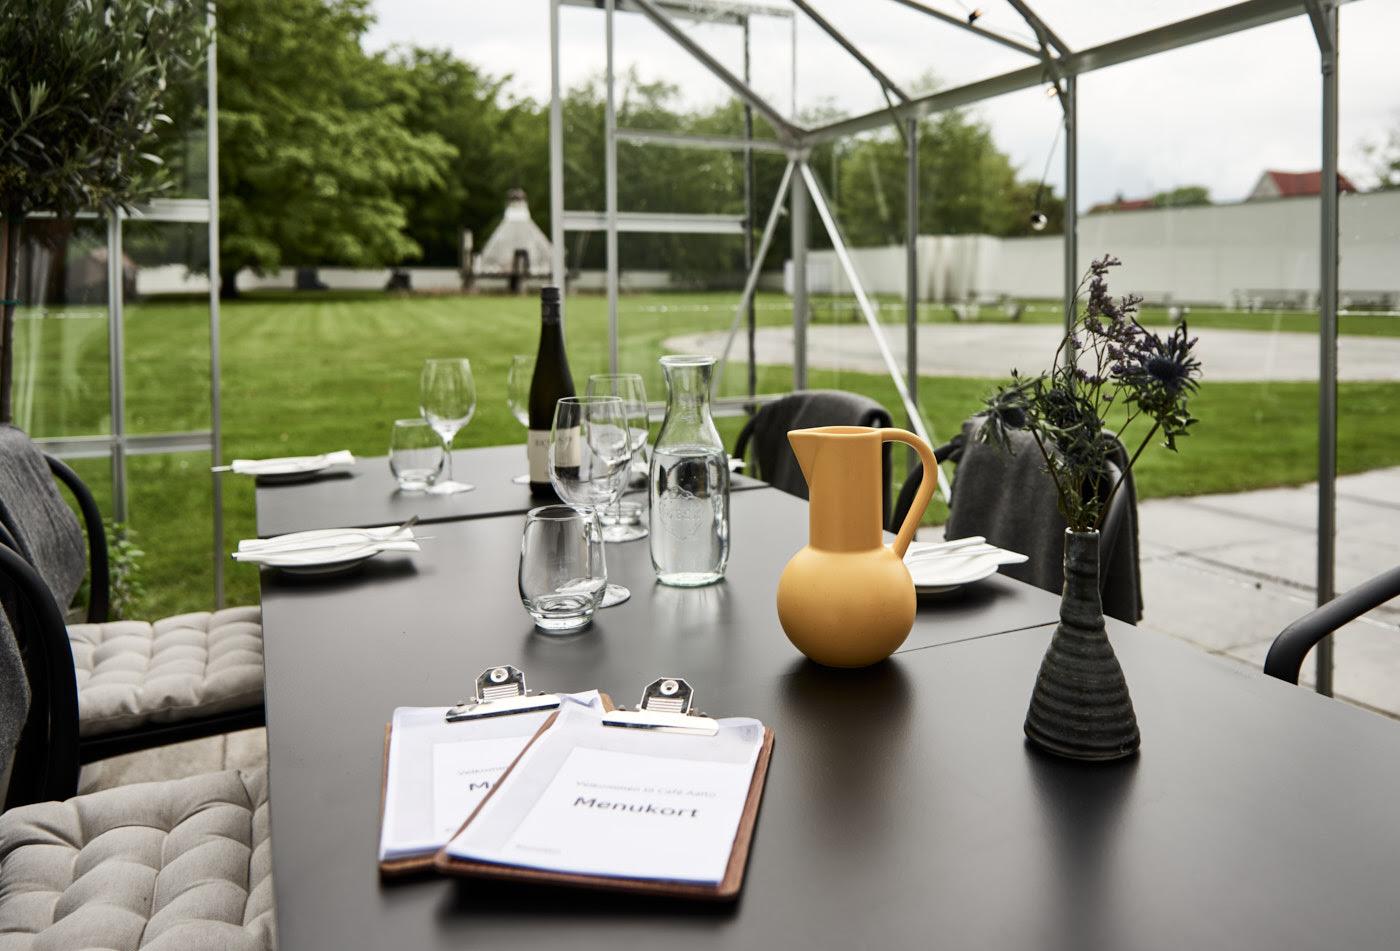 Gourmetoplevelse i særlige rammer: Her åbner ny restaurant i Aalborg